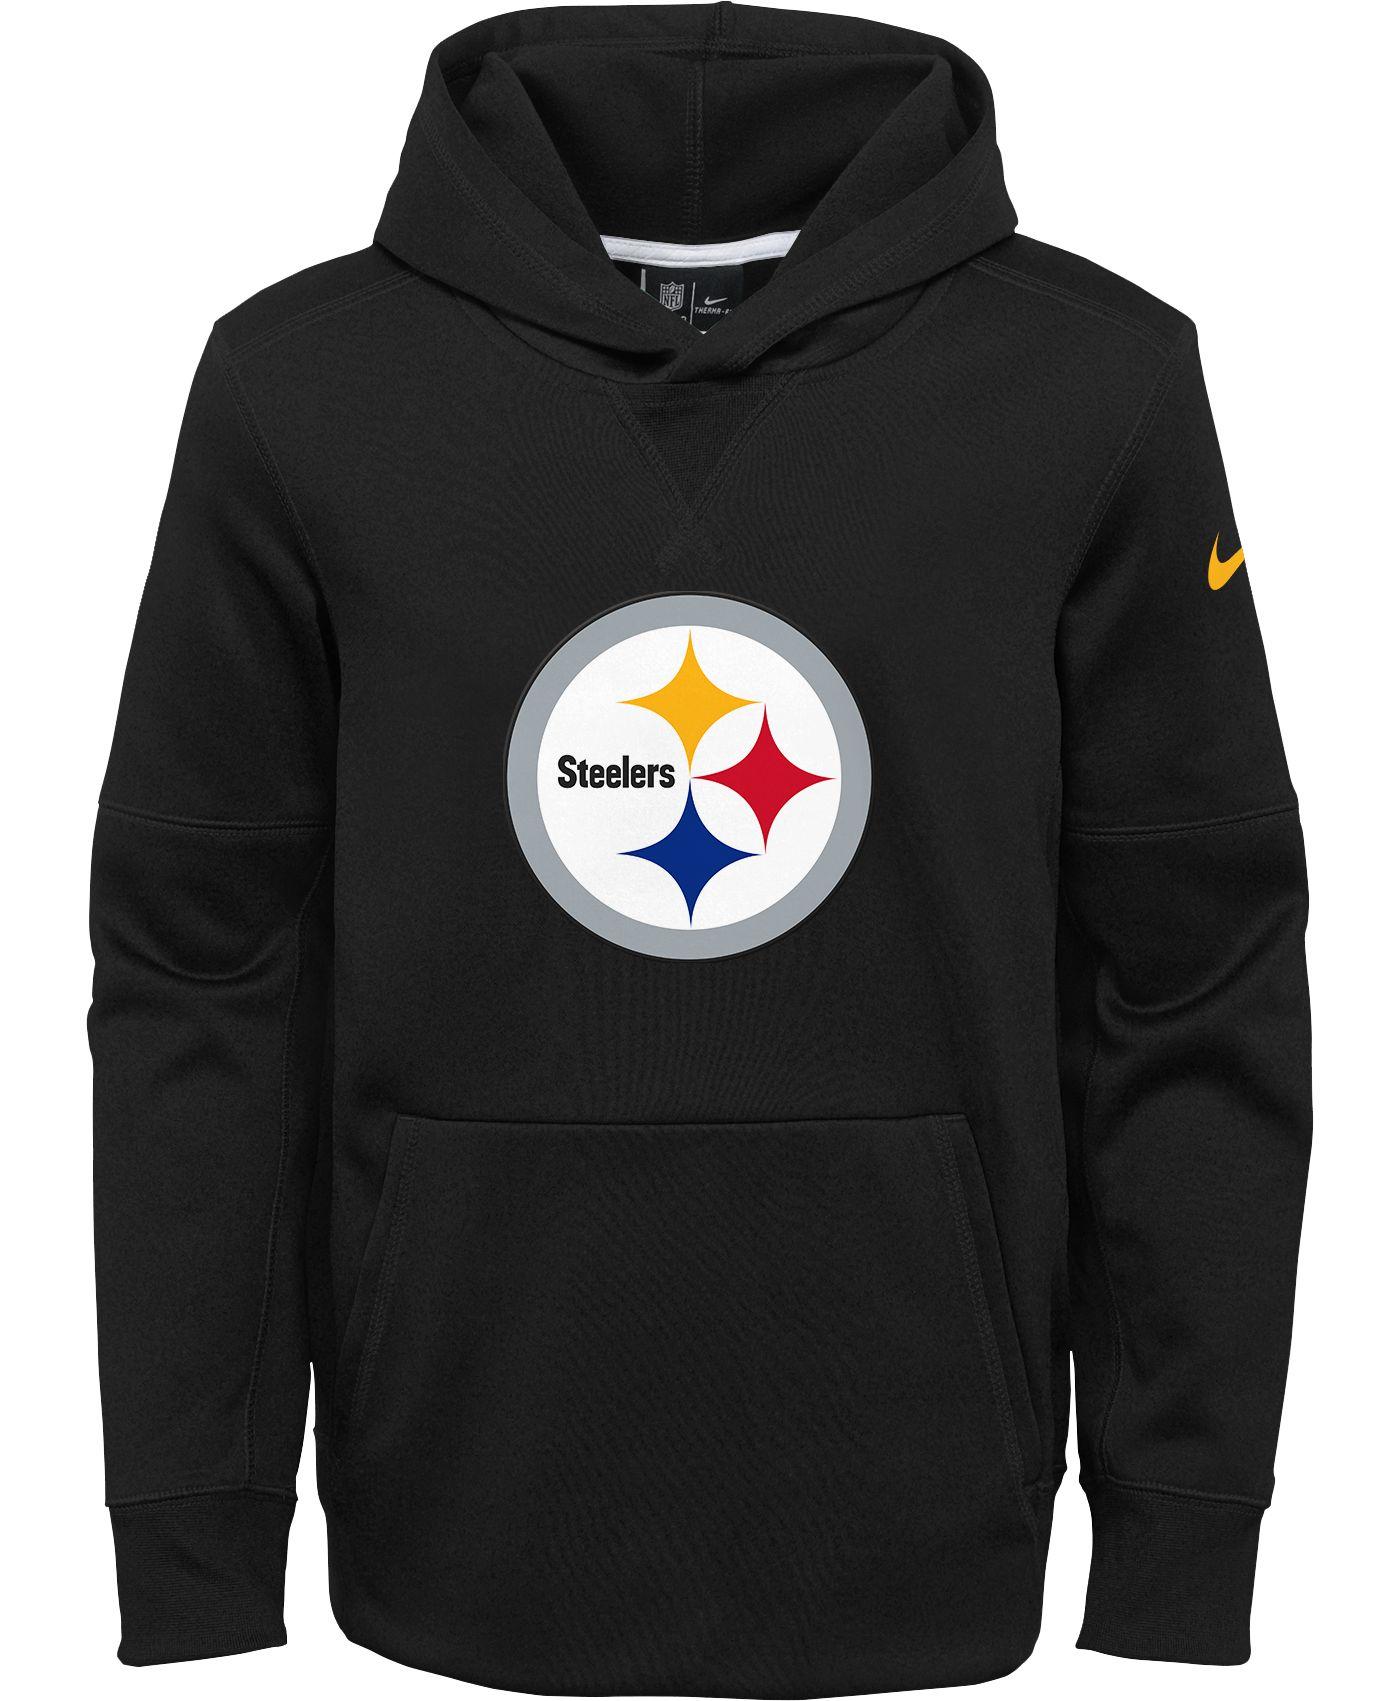 Nike Youth Pittsburgh Steelers Logo Essential Black Hoodie